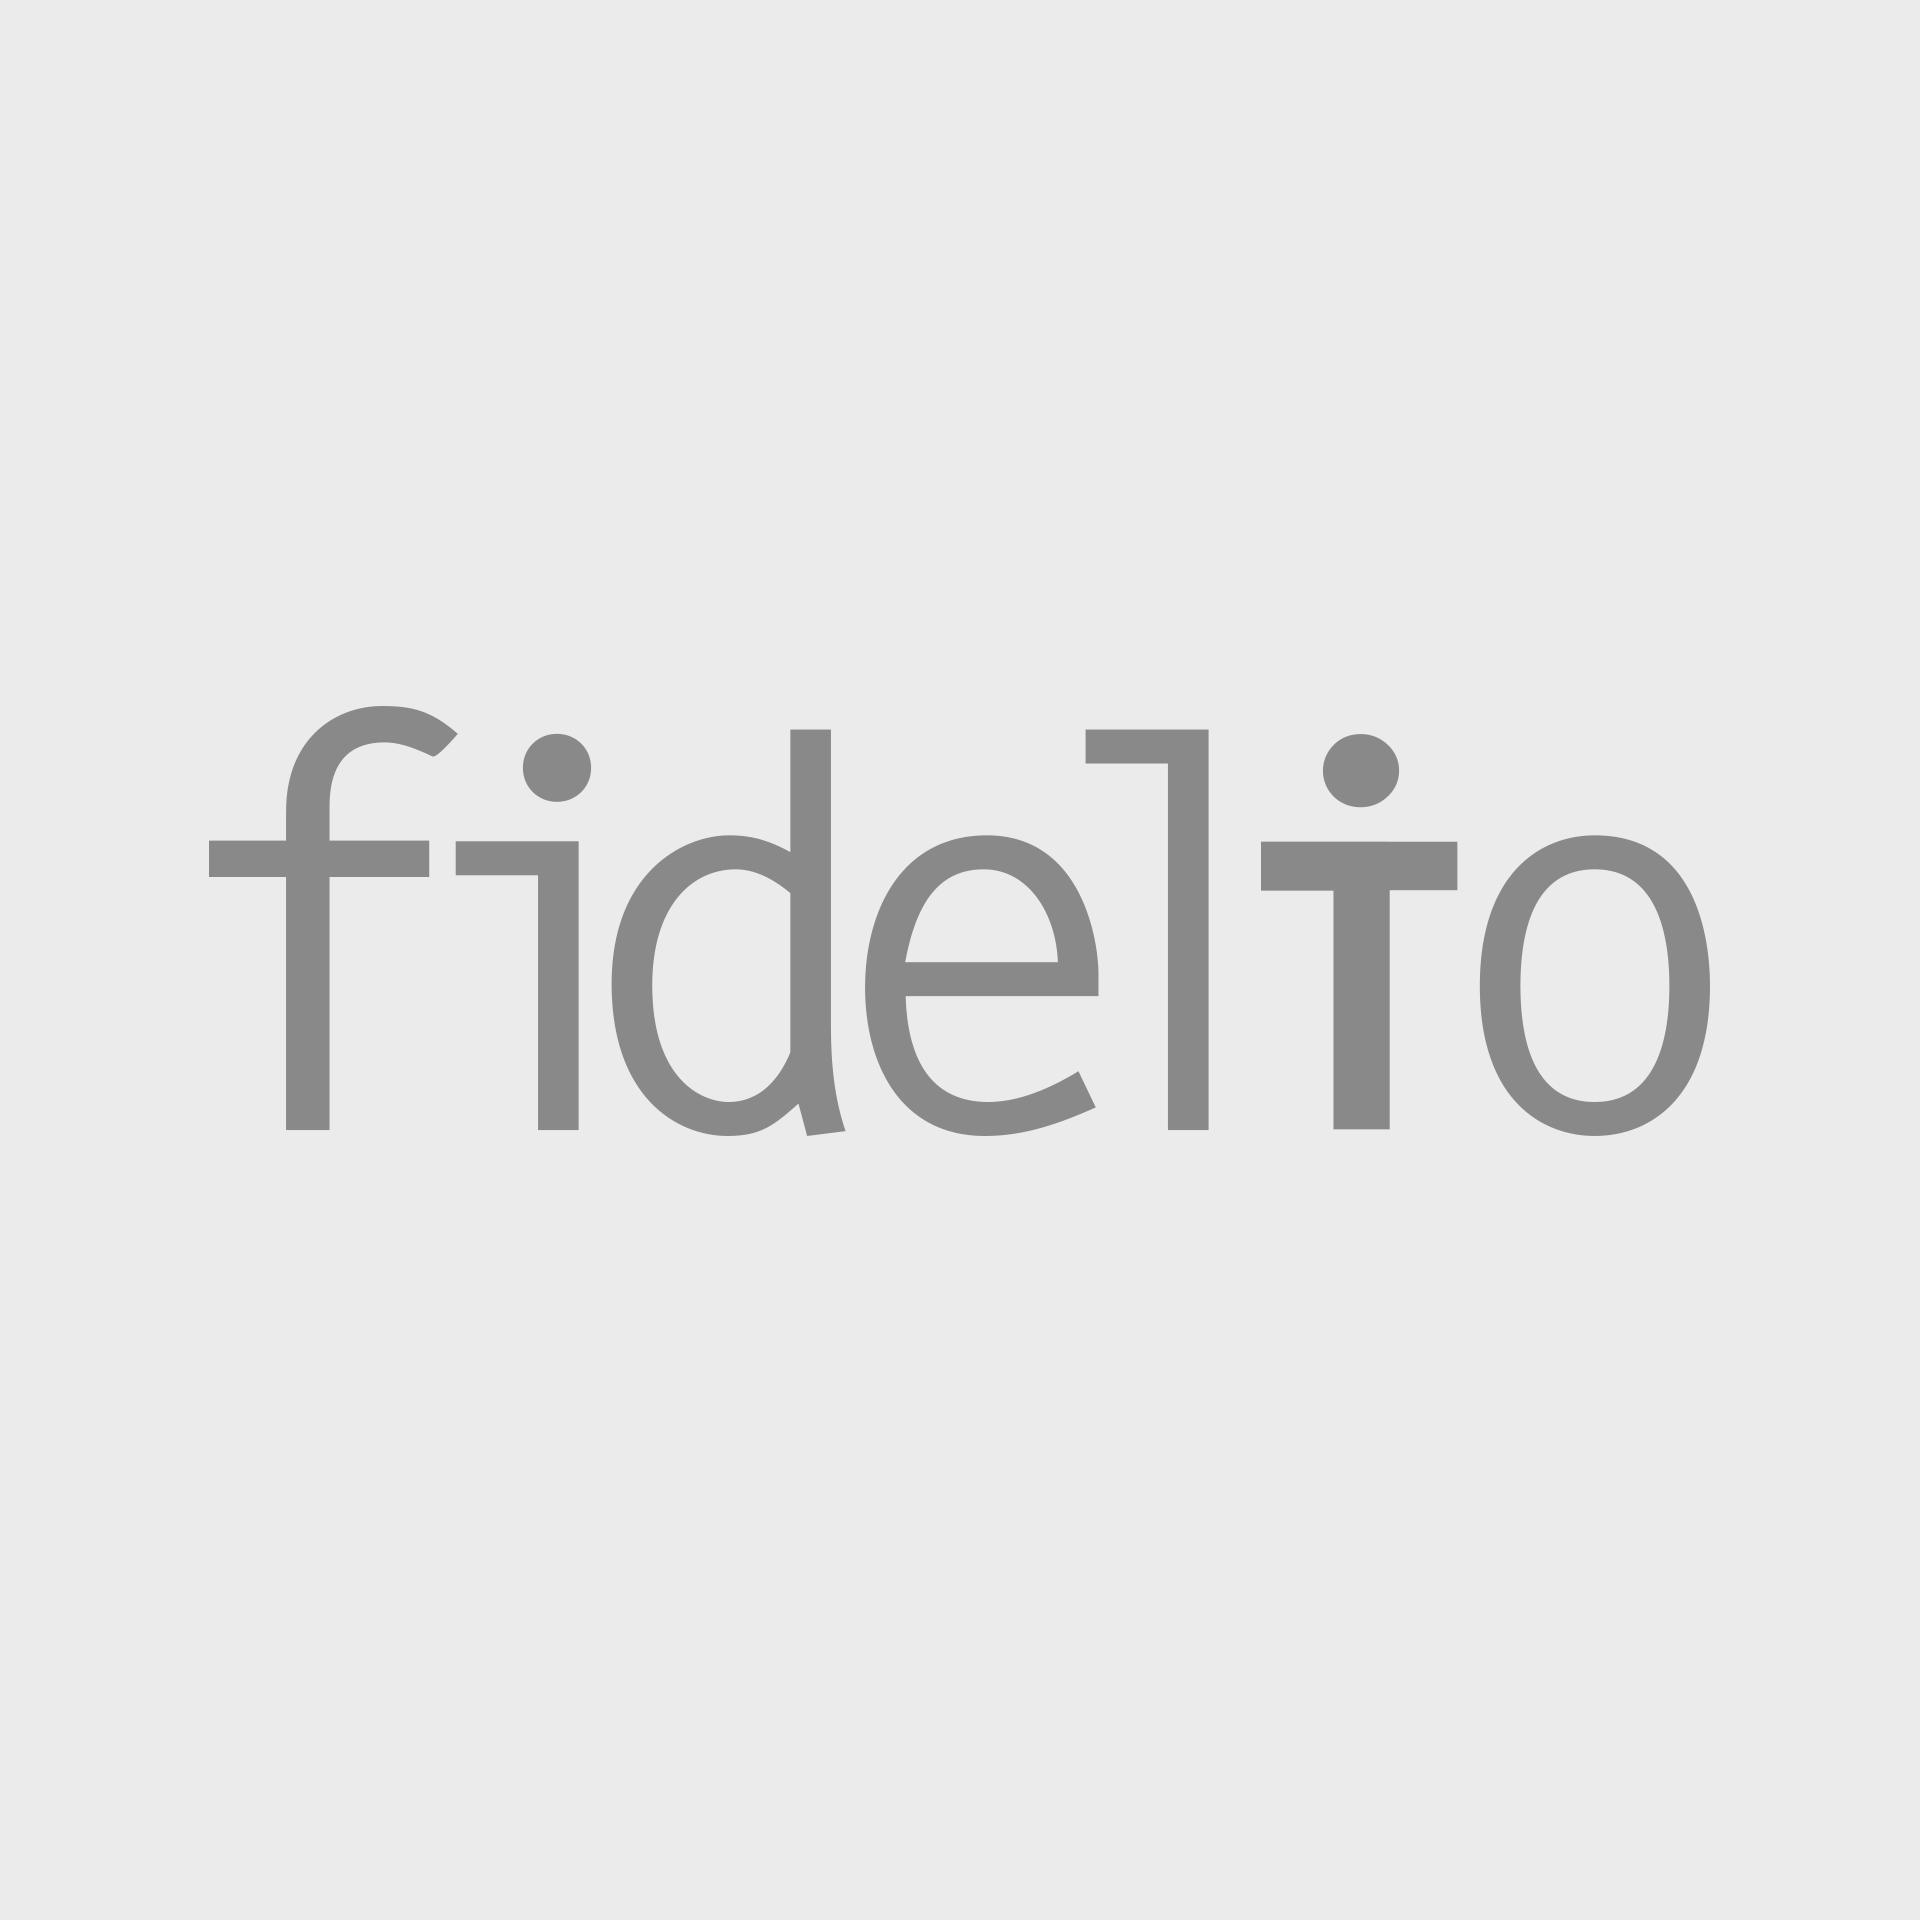 EF185255-F2E5-4B7D-8964-81EFE2725226